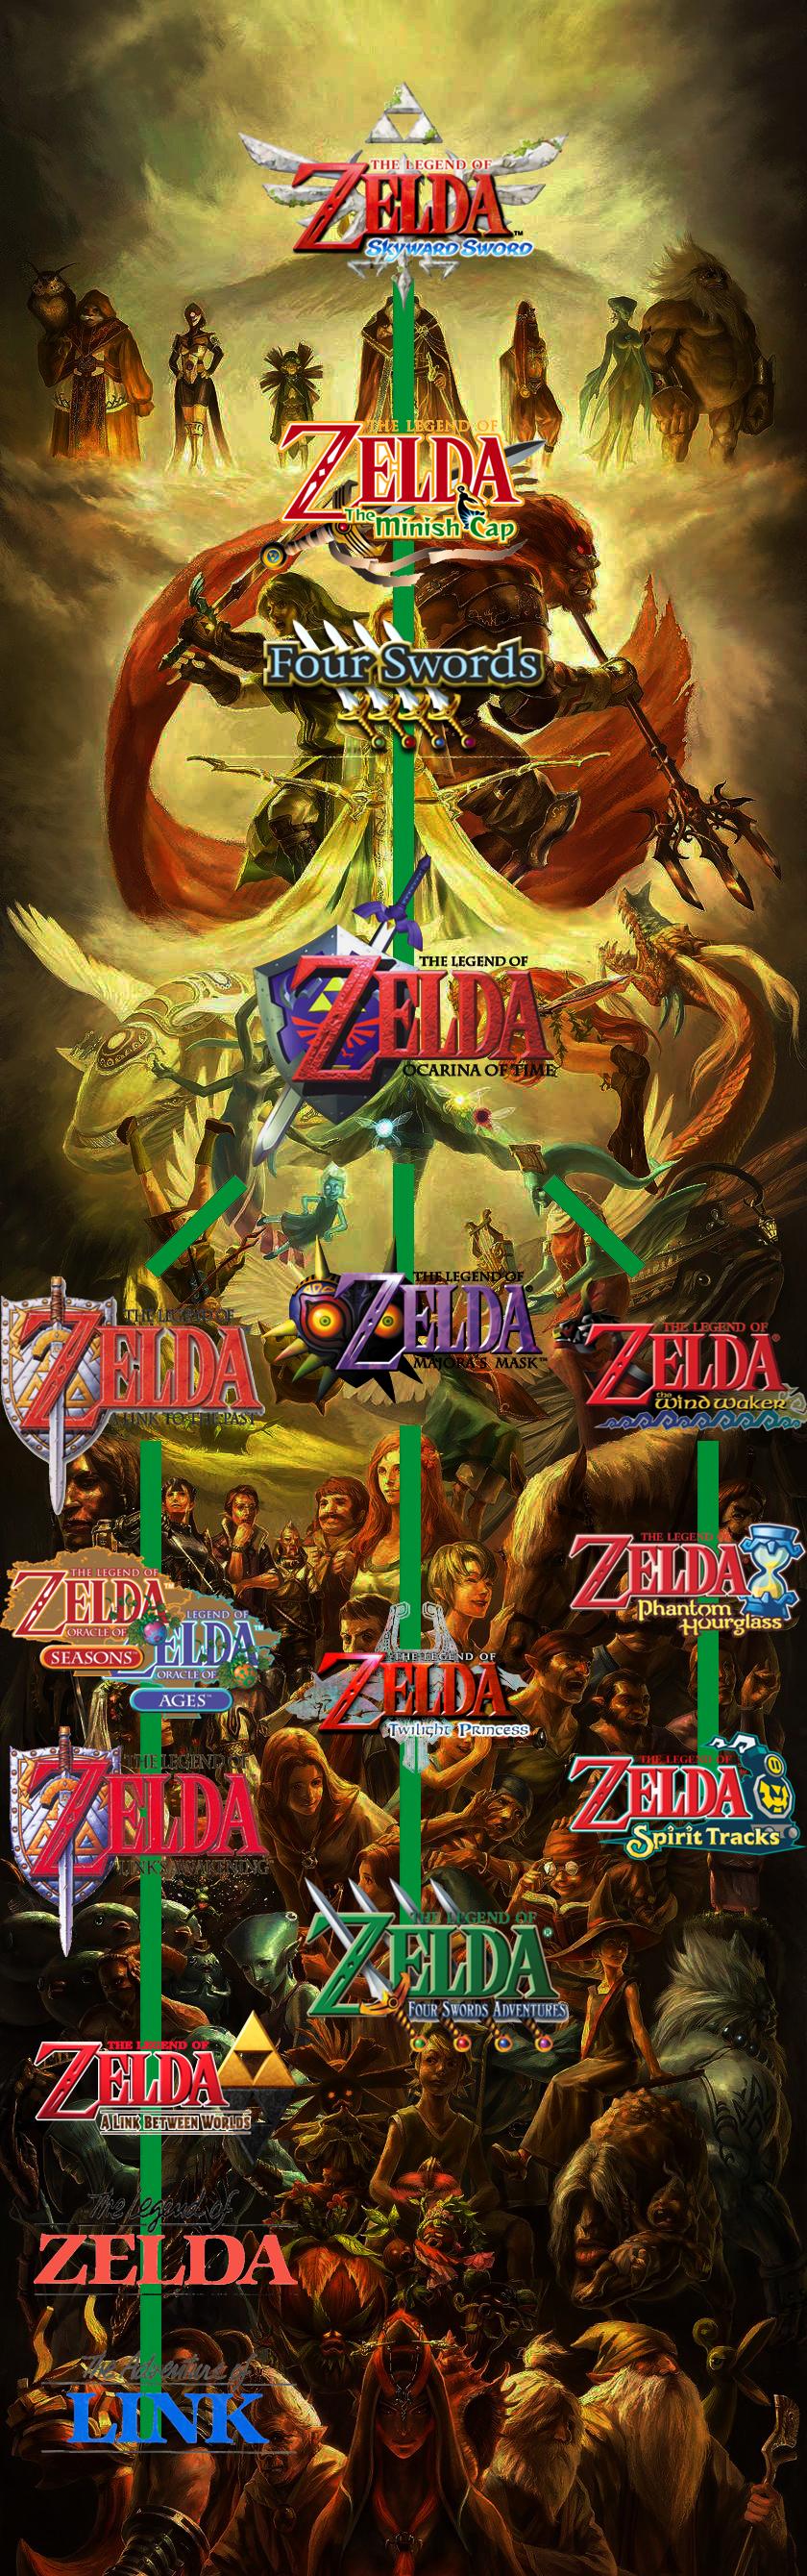 Quiero Empezar La Saga Zelda Forocoches